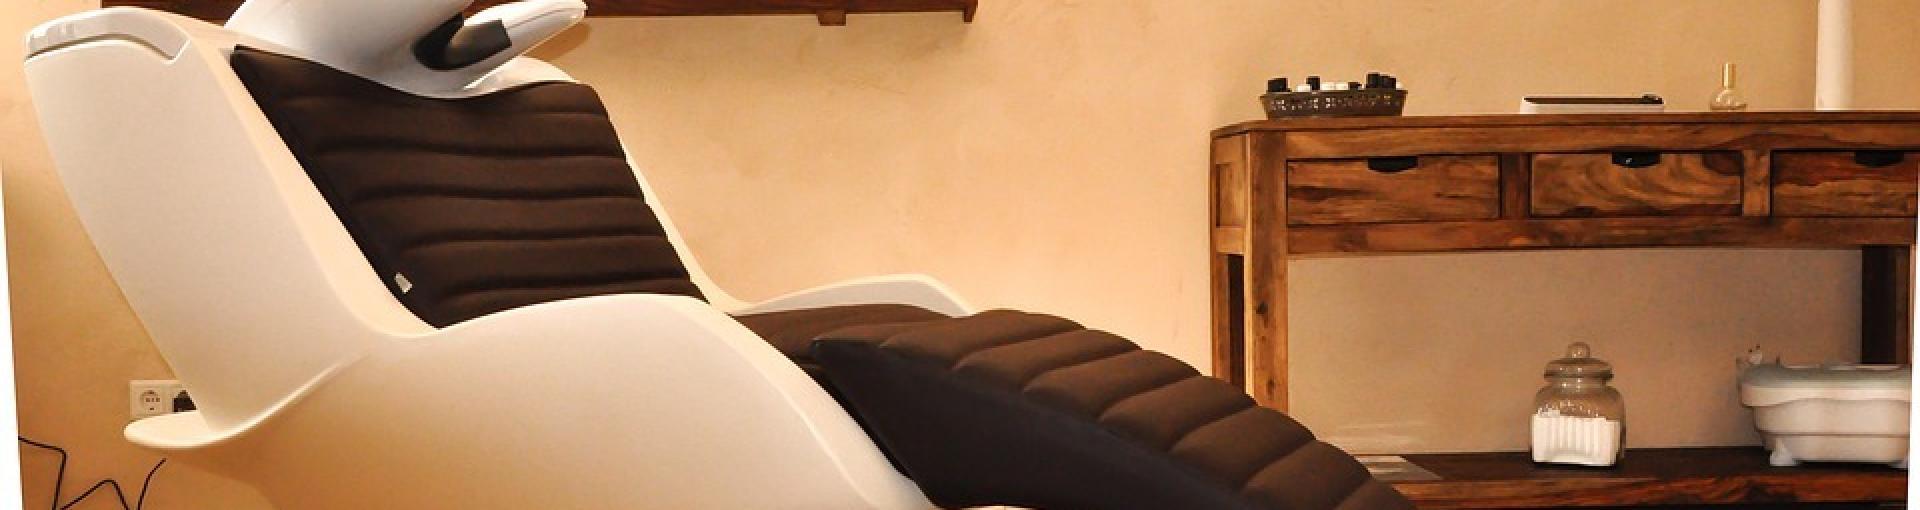 Meble Fryzjerskie Co Wchodzi W Sklad Wyposazenia Salonu